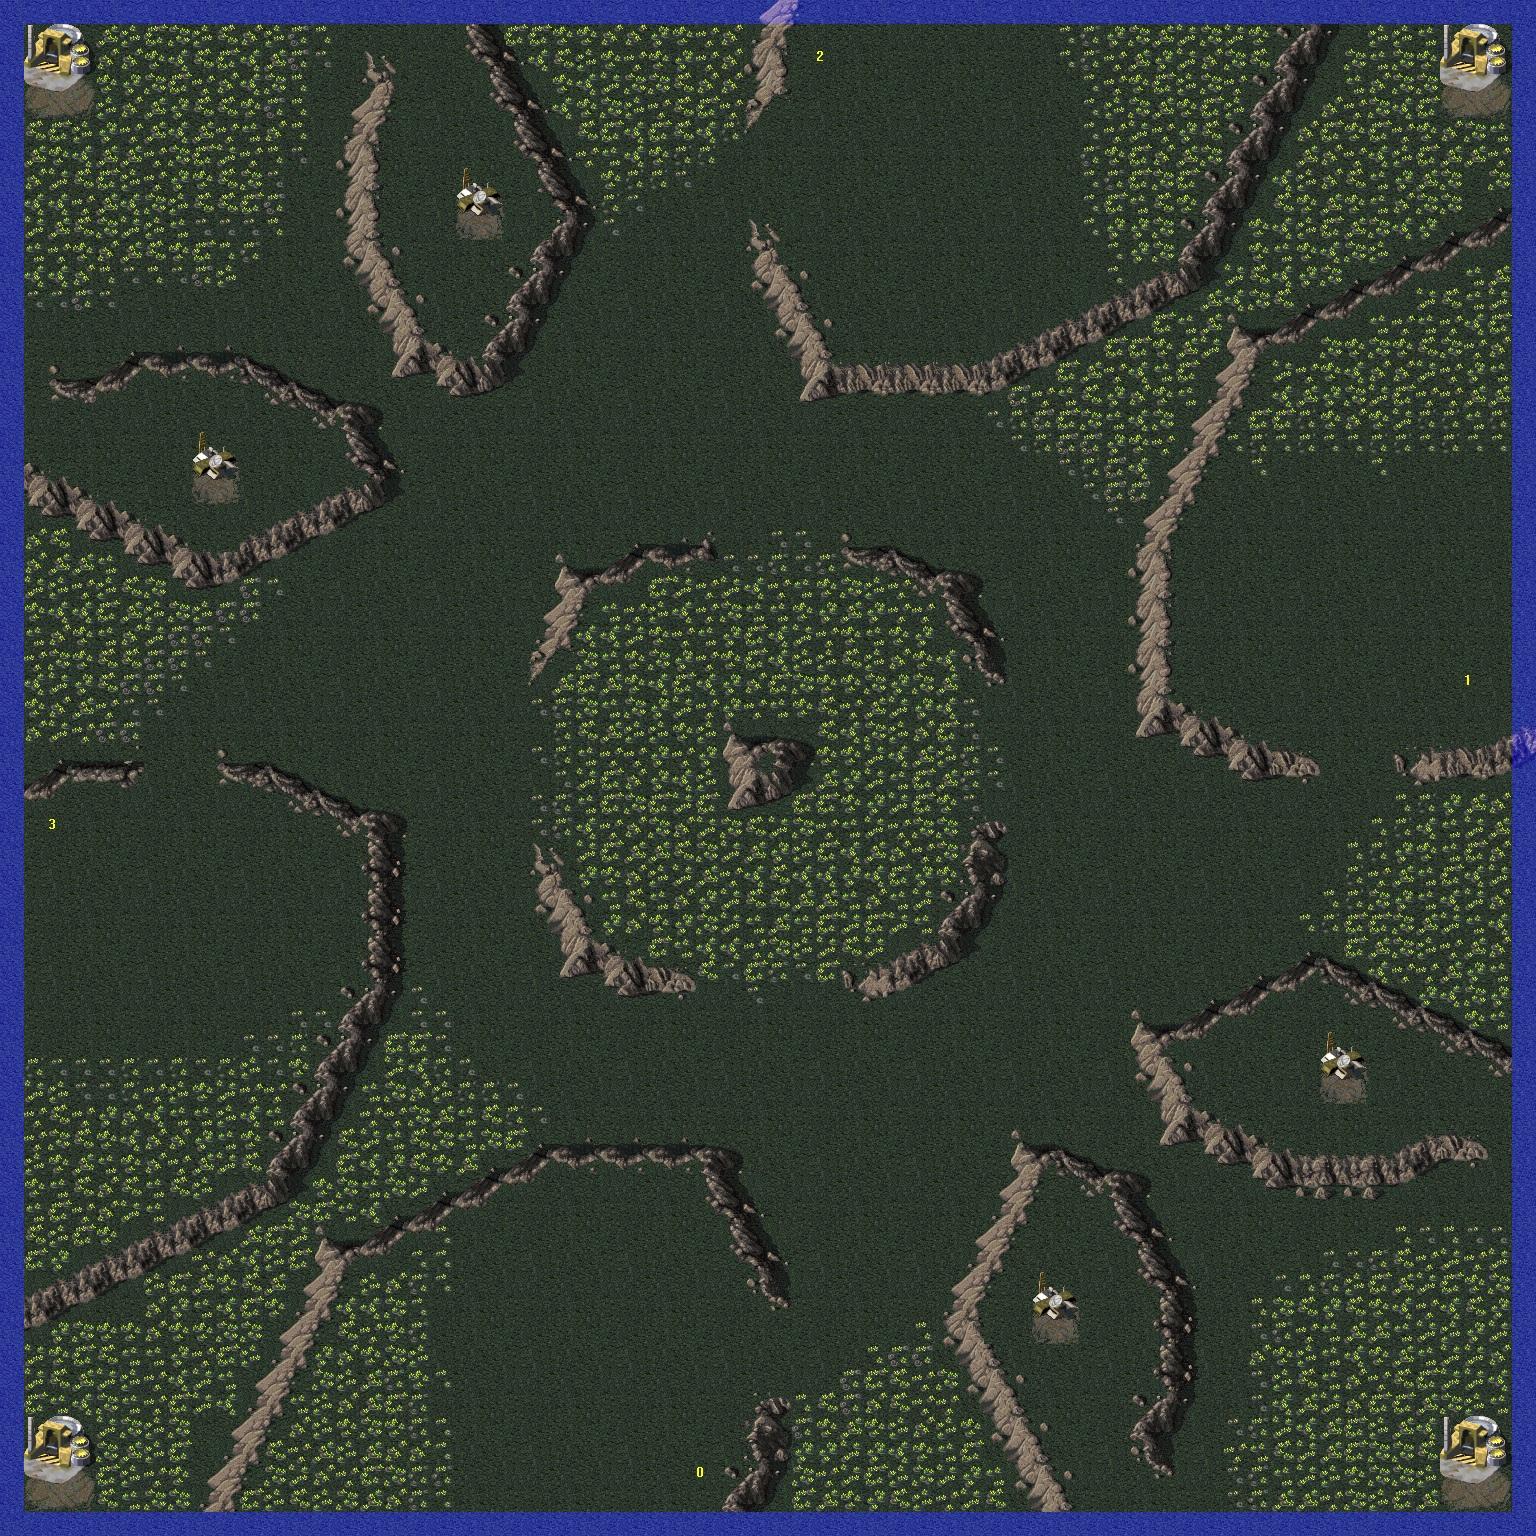 58f0dfc1d1a6f_scm193eaLOST_TEMPLEsc.jpg.cdedb7c27cf59ed5fd26cc445c951fbb.jpg